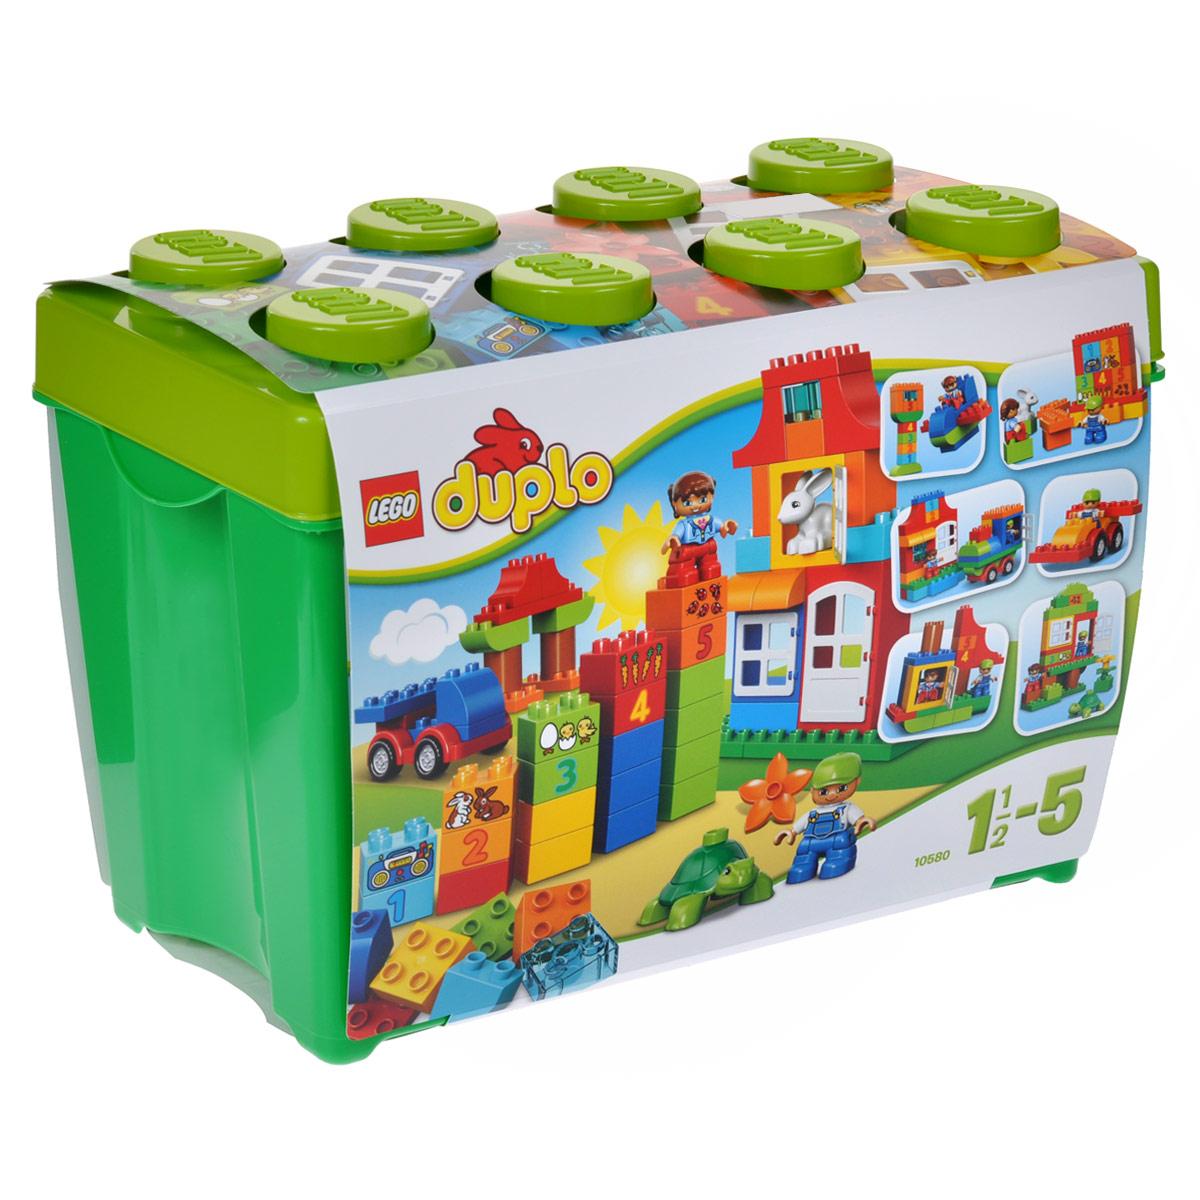 LEGO DUPLO Конструктор Набор для веселой игры 1058010580Подарите своему ребенку море удовольствия с игровой коробкой Deluxe серии LEGO DUPLO. Этот набор является идеальным началом знакомства с веселым конструированием LEGO и содержит огромный ассортимент классических и специальных кубиков DUPLO. Эта игровая коробка откроет целый мир обучения и творчества для вашего маленького строителя - с помощью кубиков с цифрами вы можете обучать счету, а фигурки DUPLO вдохновляют на ролевые игры. Также в набор входит базовая деталь кузова, оконные и дверные элементы ярких основных цветов, с которыми так любят играть малыши. Весь набор упакован в прочную, легко узнаваемую коробку для хранения в форме кубика LEGO и содержит конструкторские идеи, которые помогут вам и вашему ребенку построить замечательный высокий дом и другие интересные здания. Набор включает в себя 95 разноцветных пластиковых элементов крупного размера, среди которых есть колесная база, двери и окна. В комплекте малыш найдет кубики с различными изображениями, мини-фигурки...